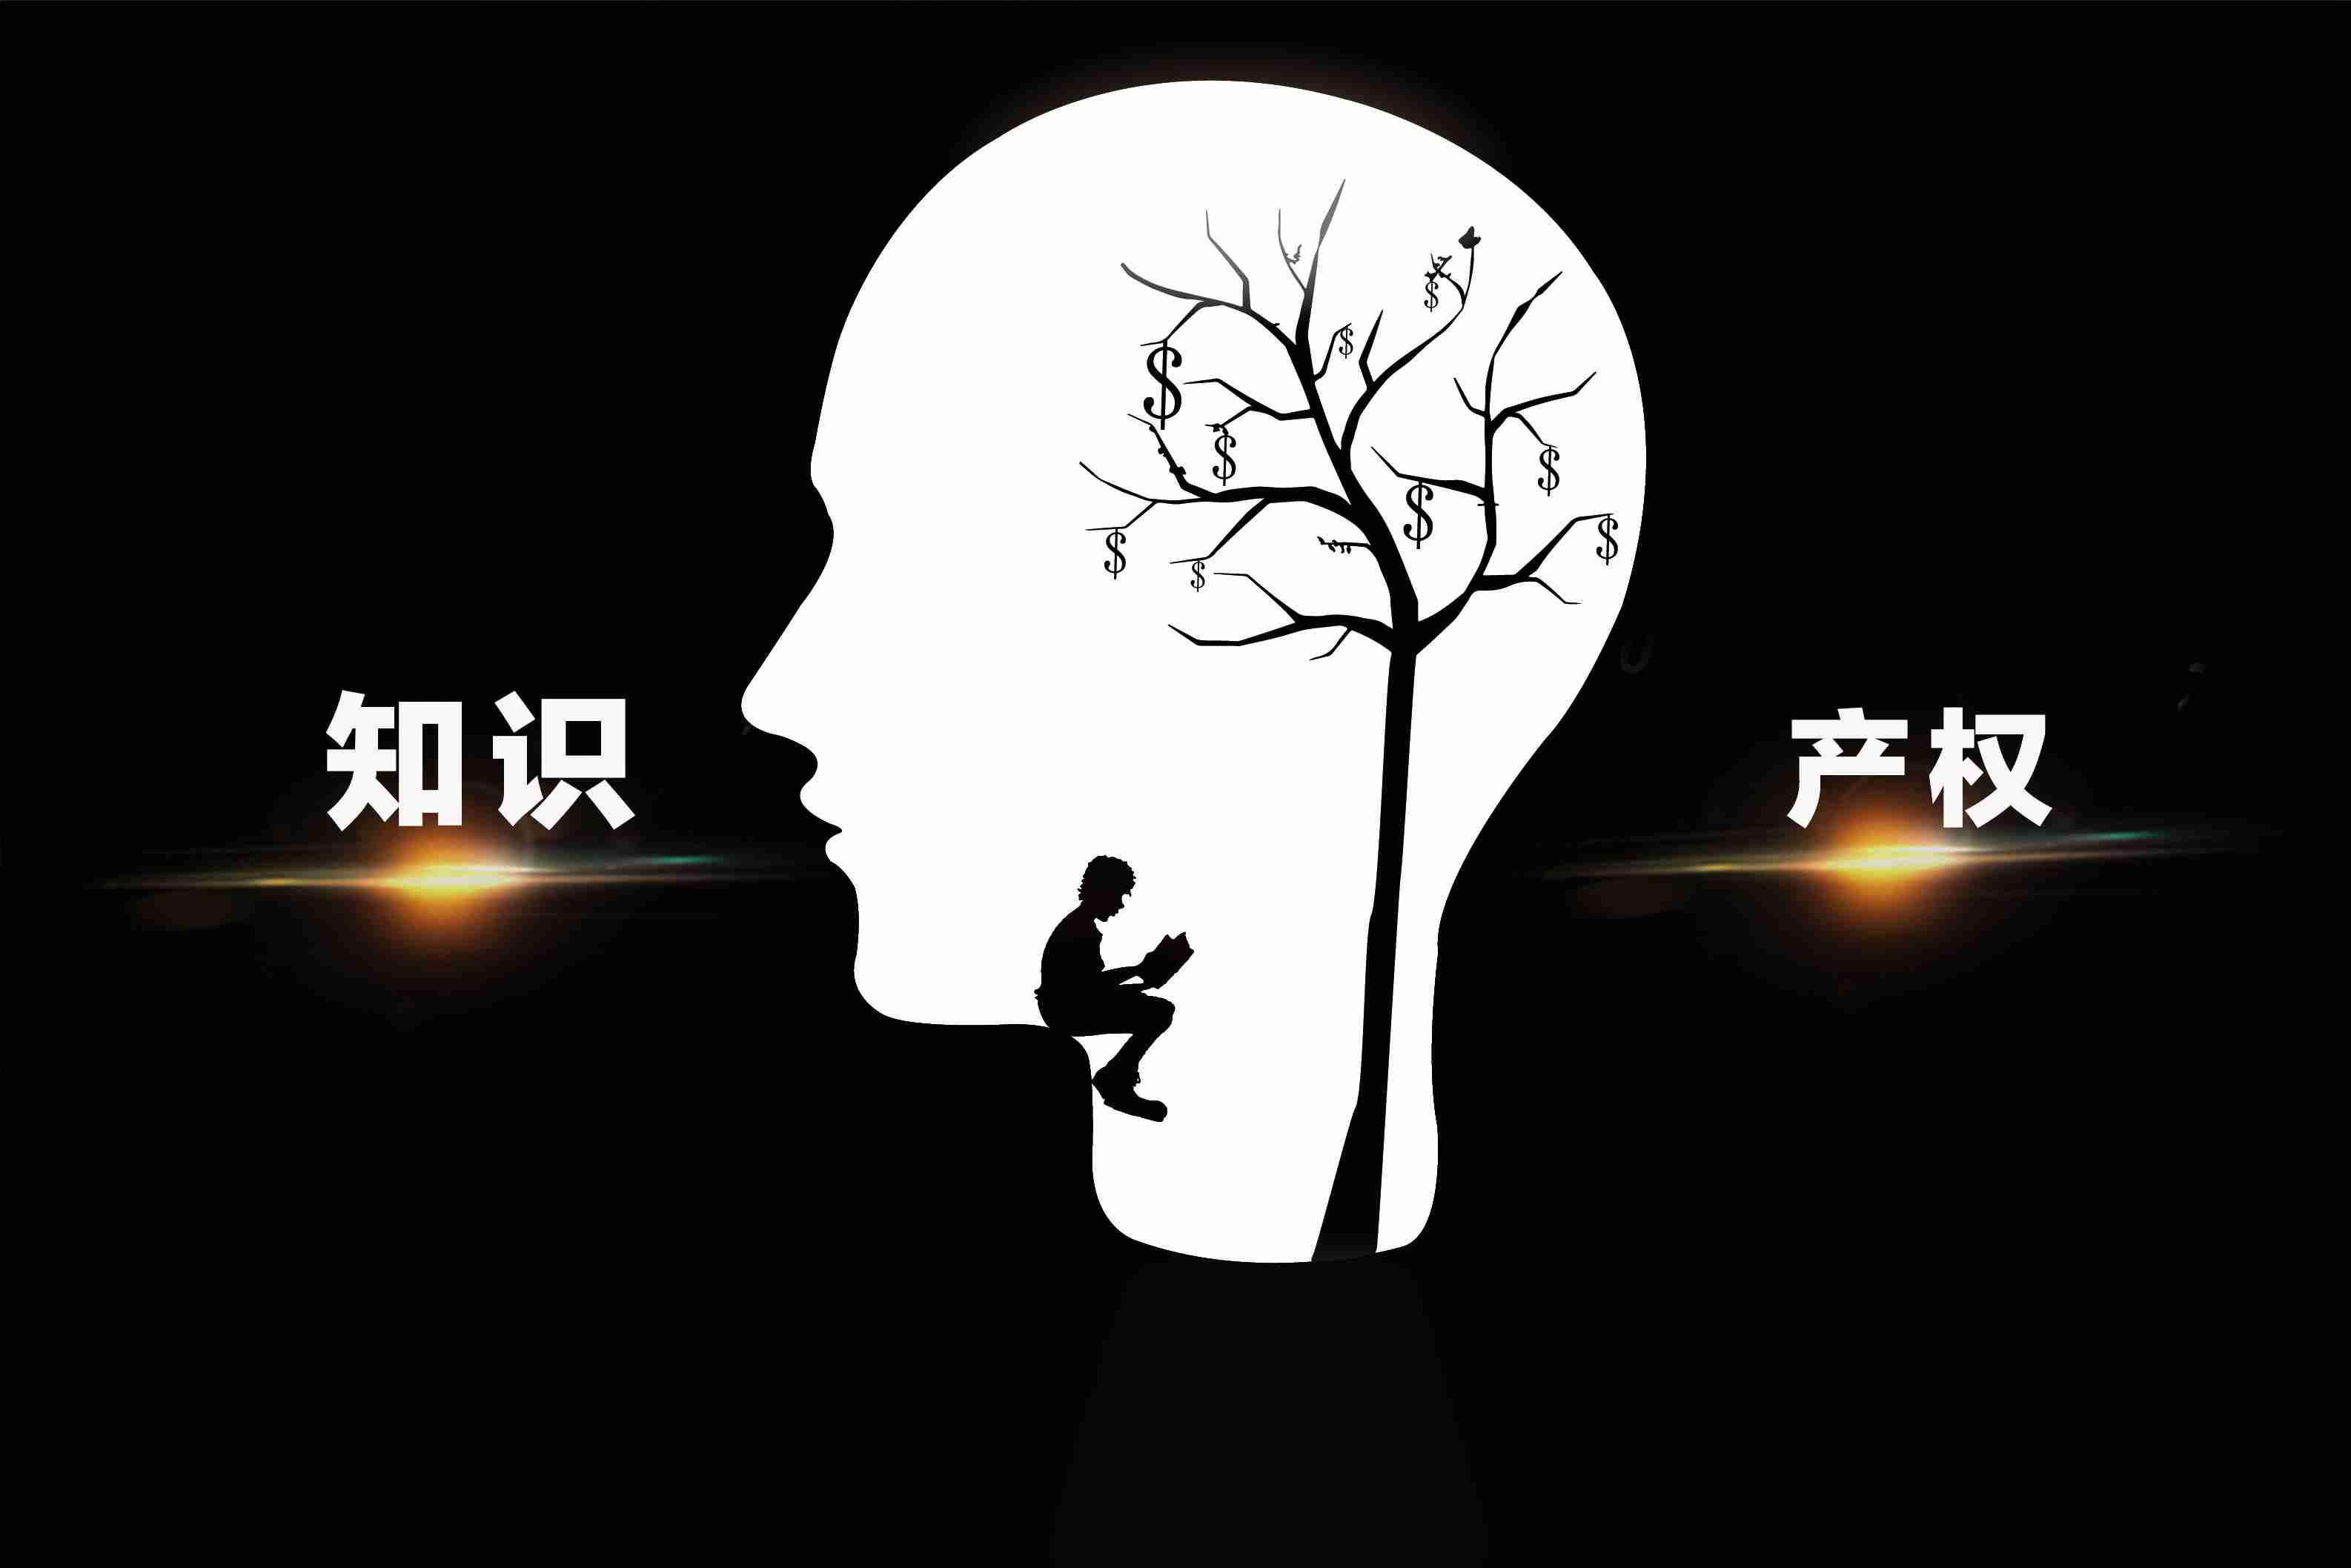 深圳知识产权律师教你商标撤三如何答辩